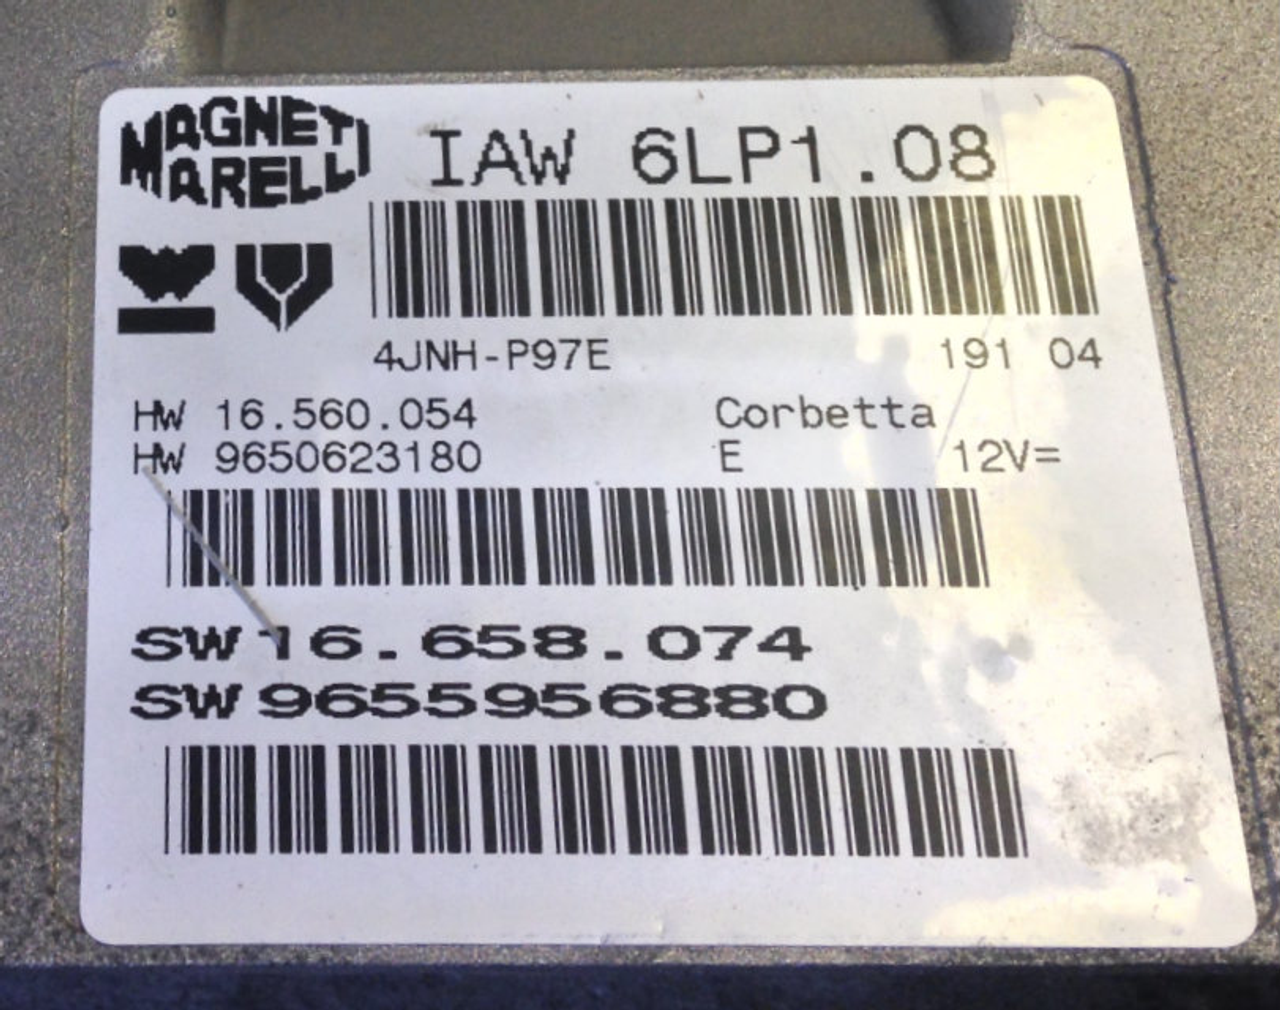 IAW 6LP1.08, HW 16.560.054, HW 9650623180, SW 16.658.074, SW 9655956880